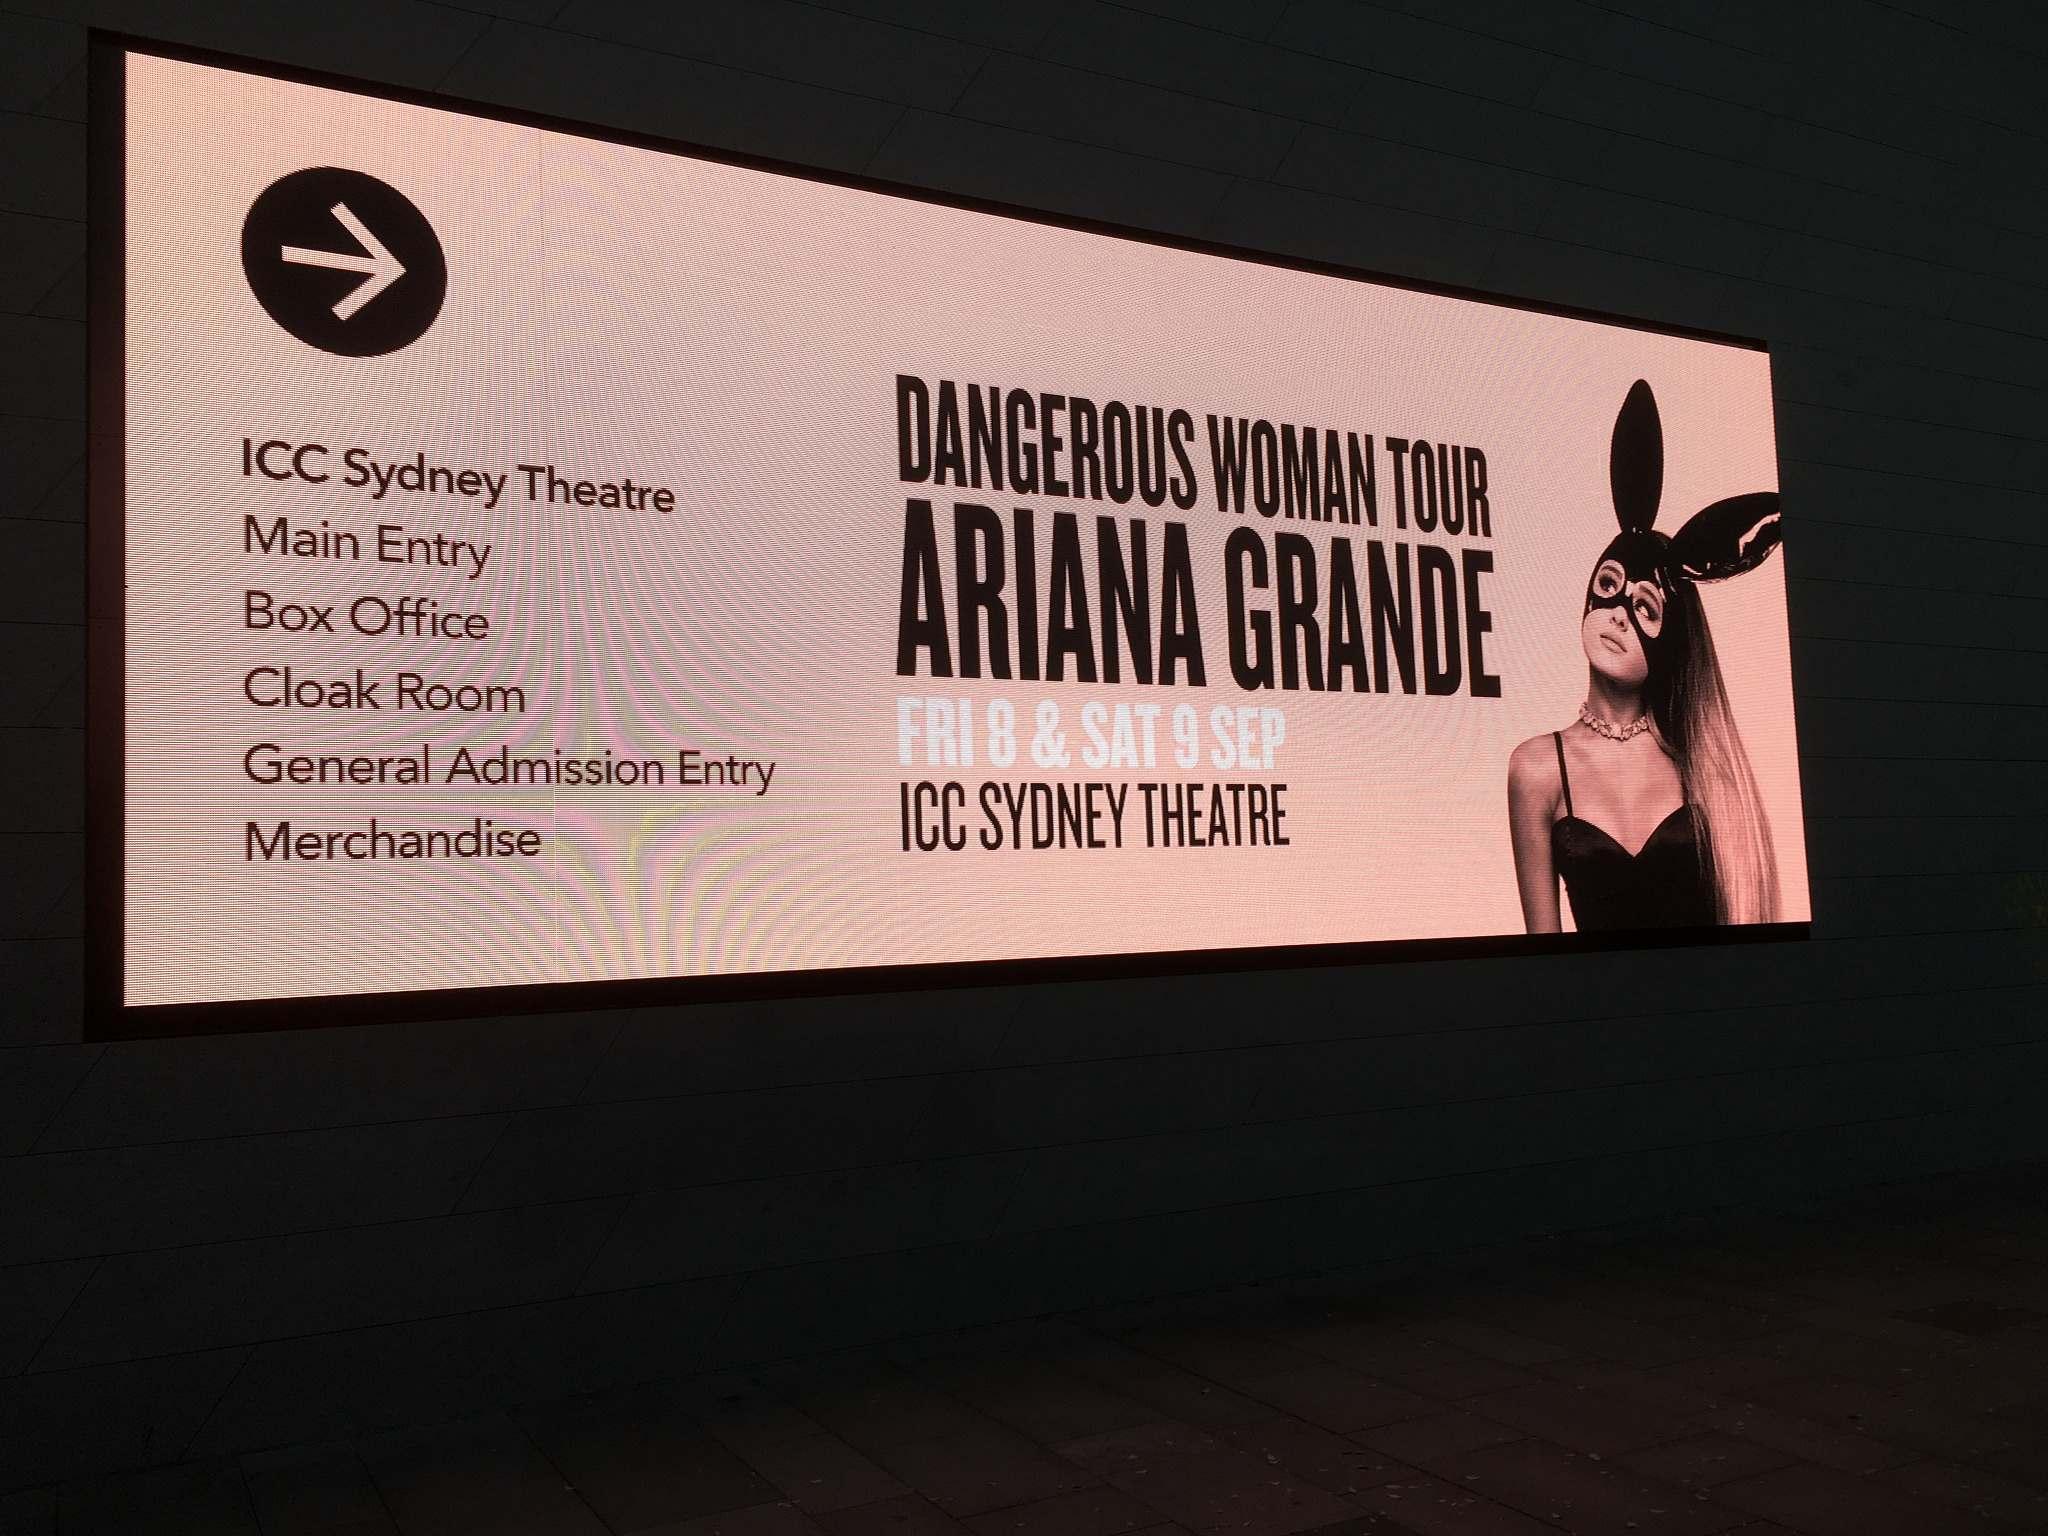 ariana grande2 Ariana Grande   Dangerous Woman Tour in Sydney, Australia